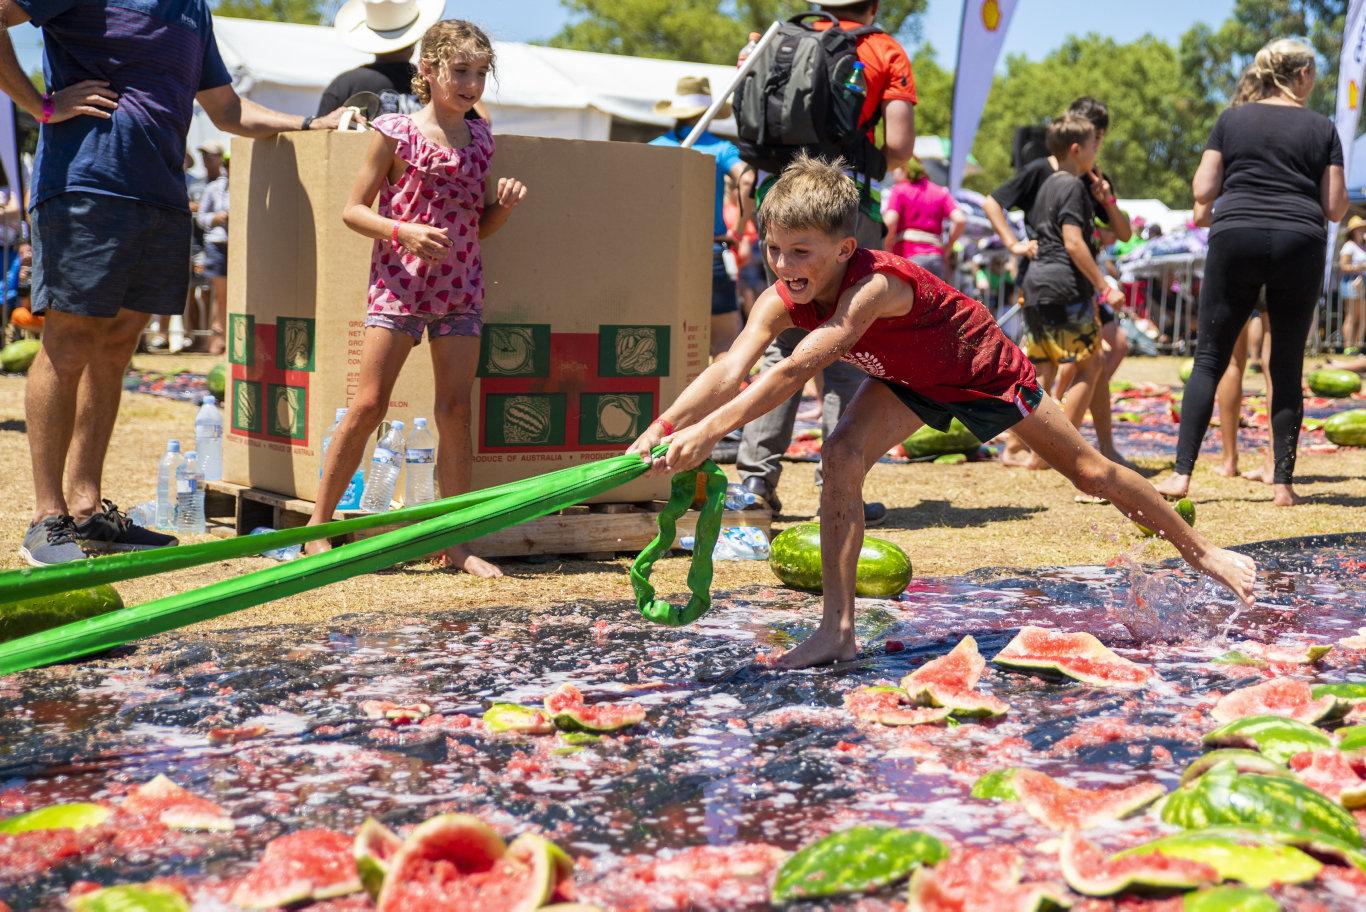 Melon Slip, Dip and Pull - Chinchilla Melon Festival arena events 160219